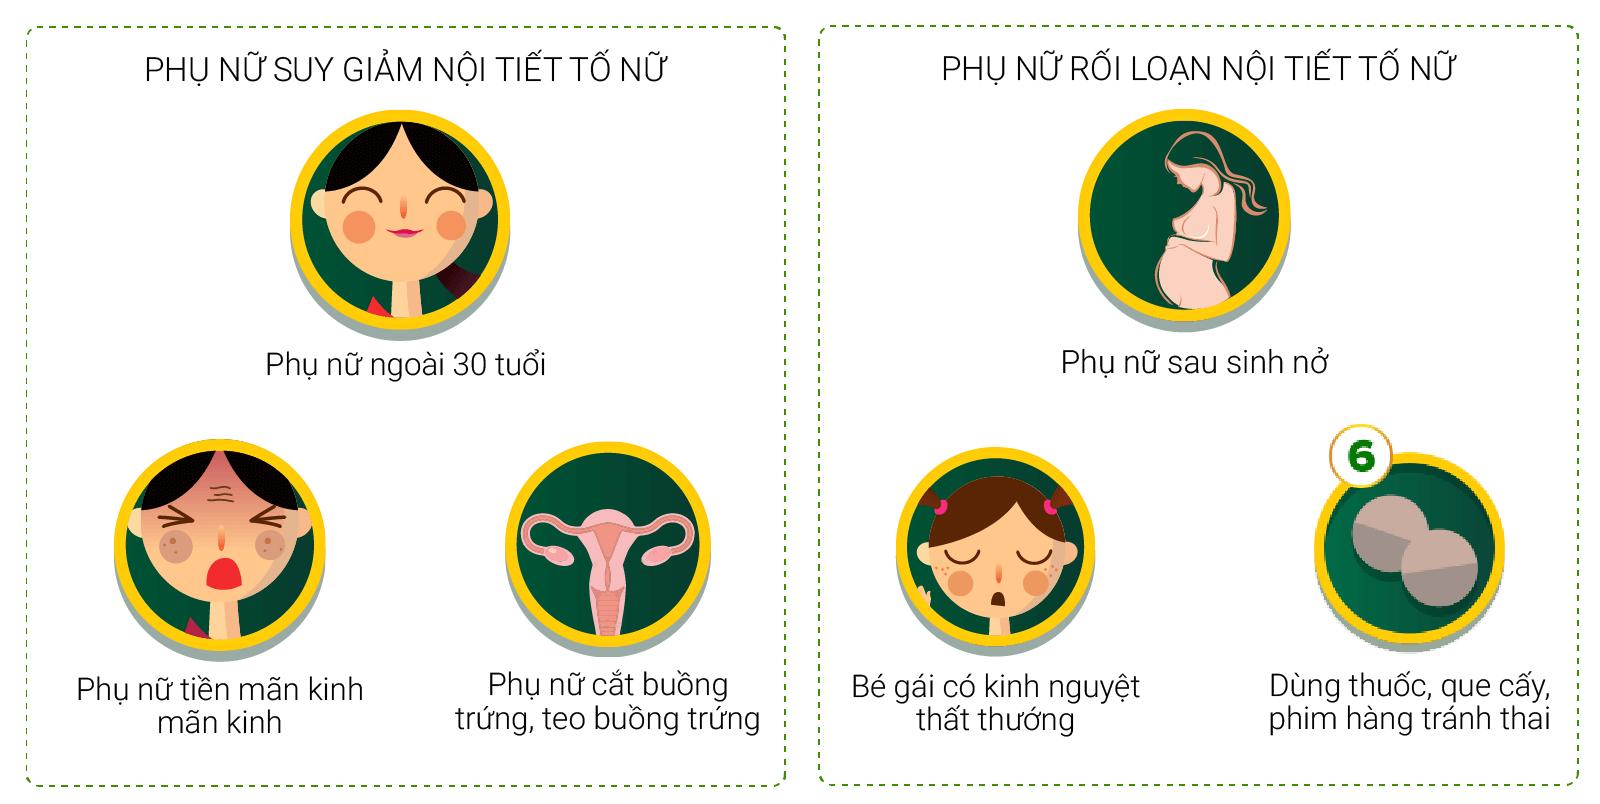 Bảng so sánh suy giảm và rối loạn nội tiết tố ở phụ nữ